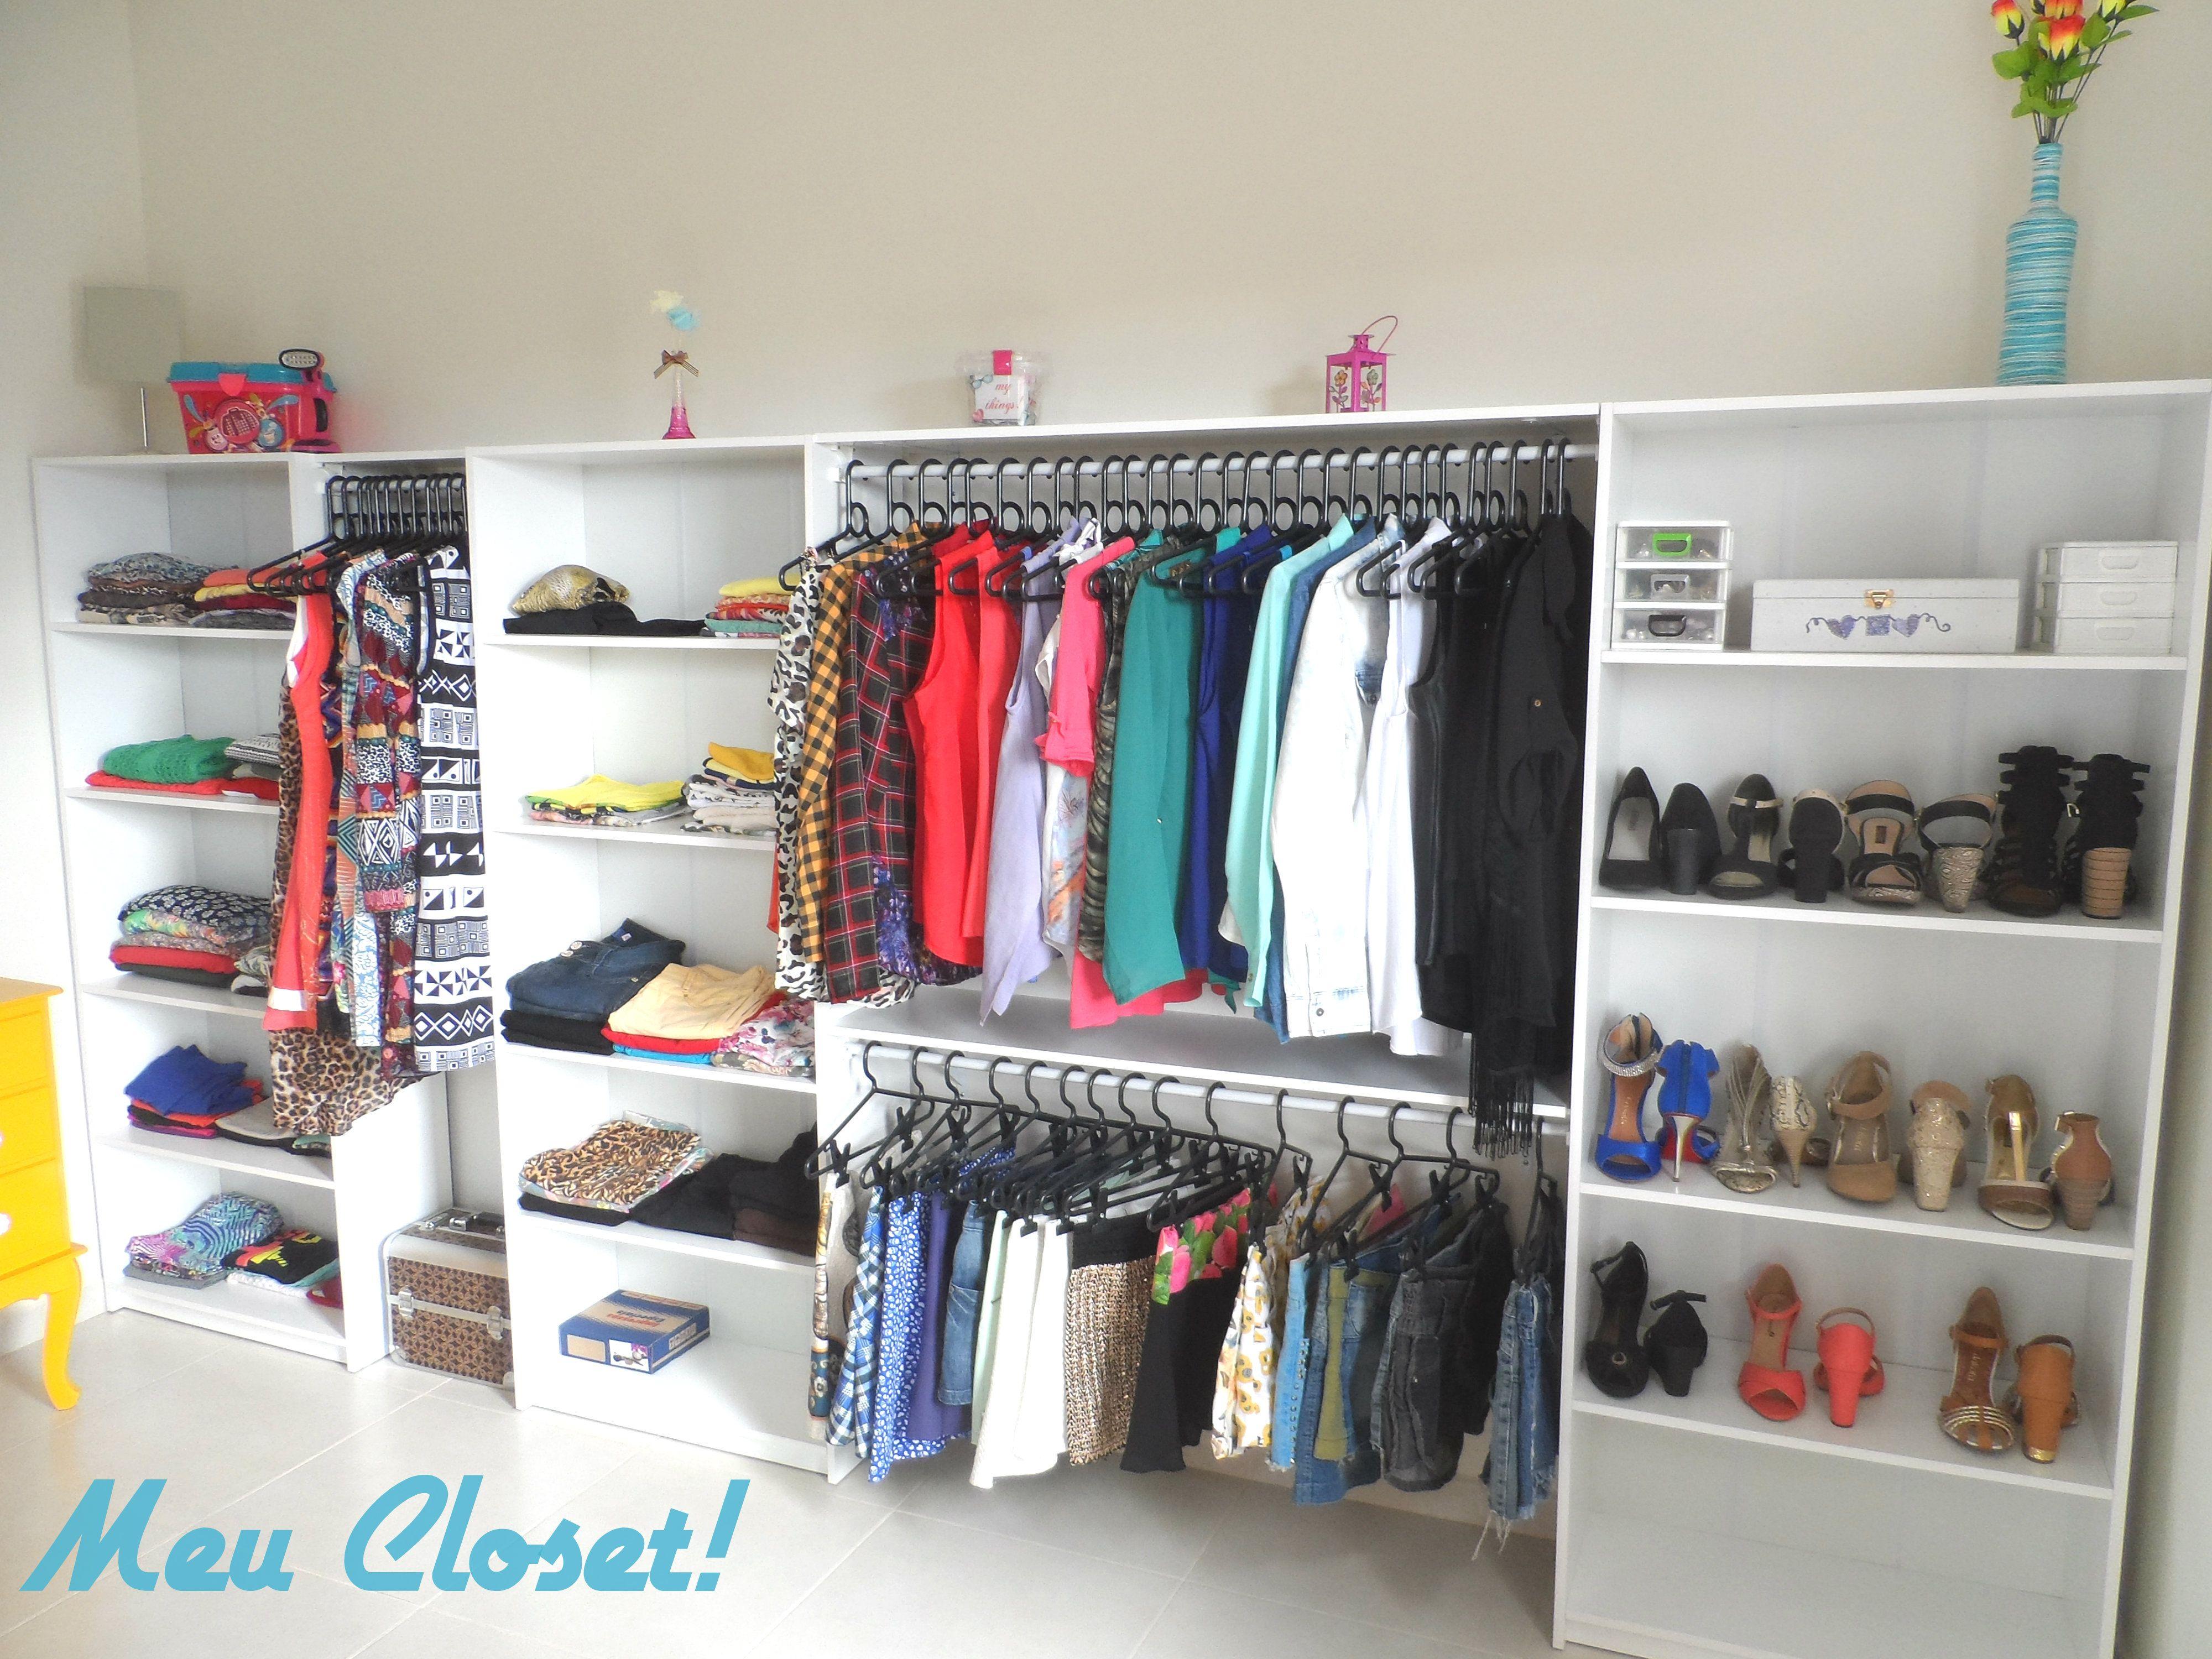 Meu closet simples e barato diy pinterest closet - Adsl para casa barato ...